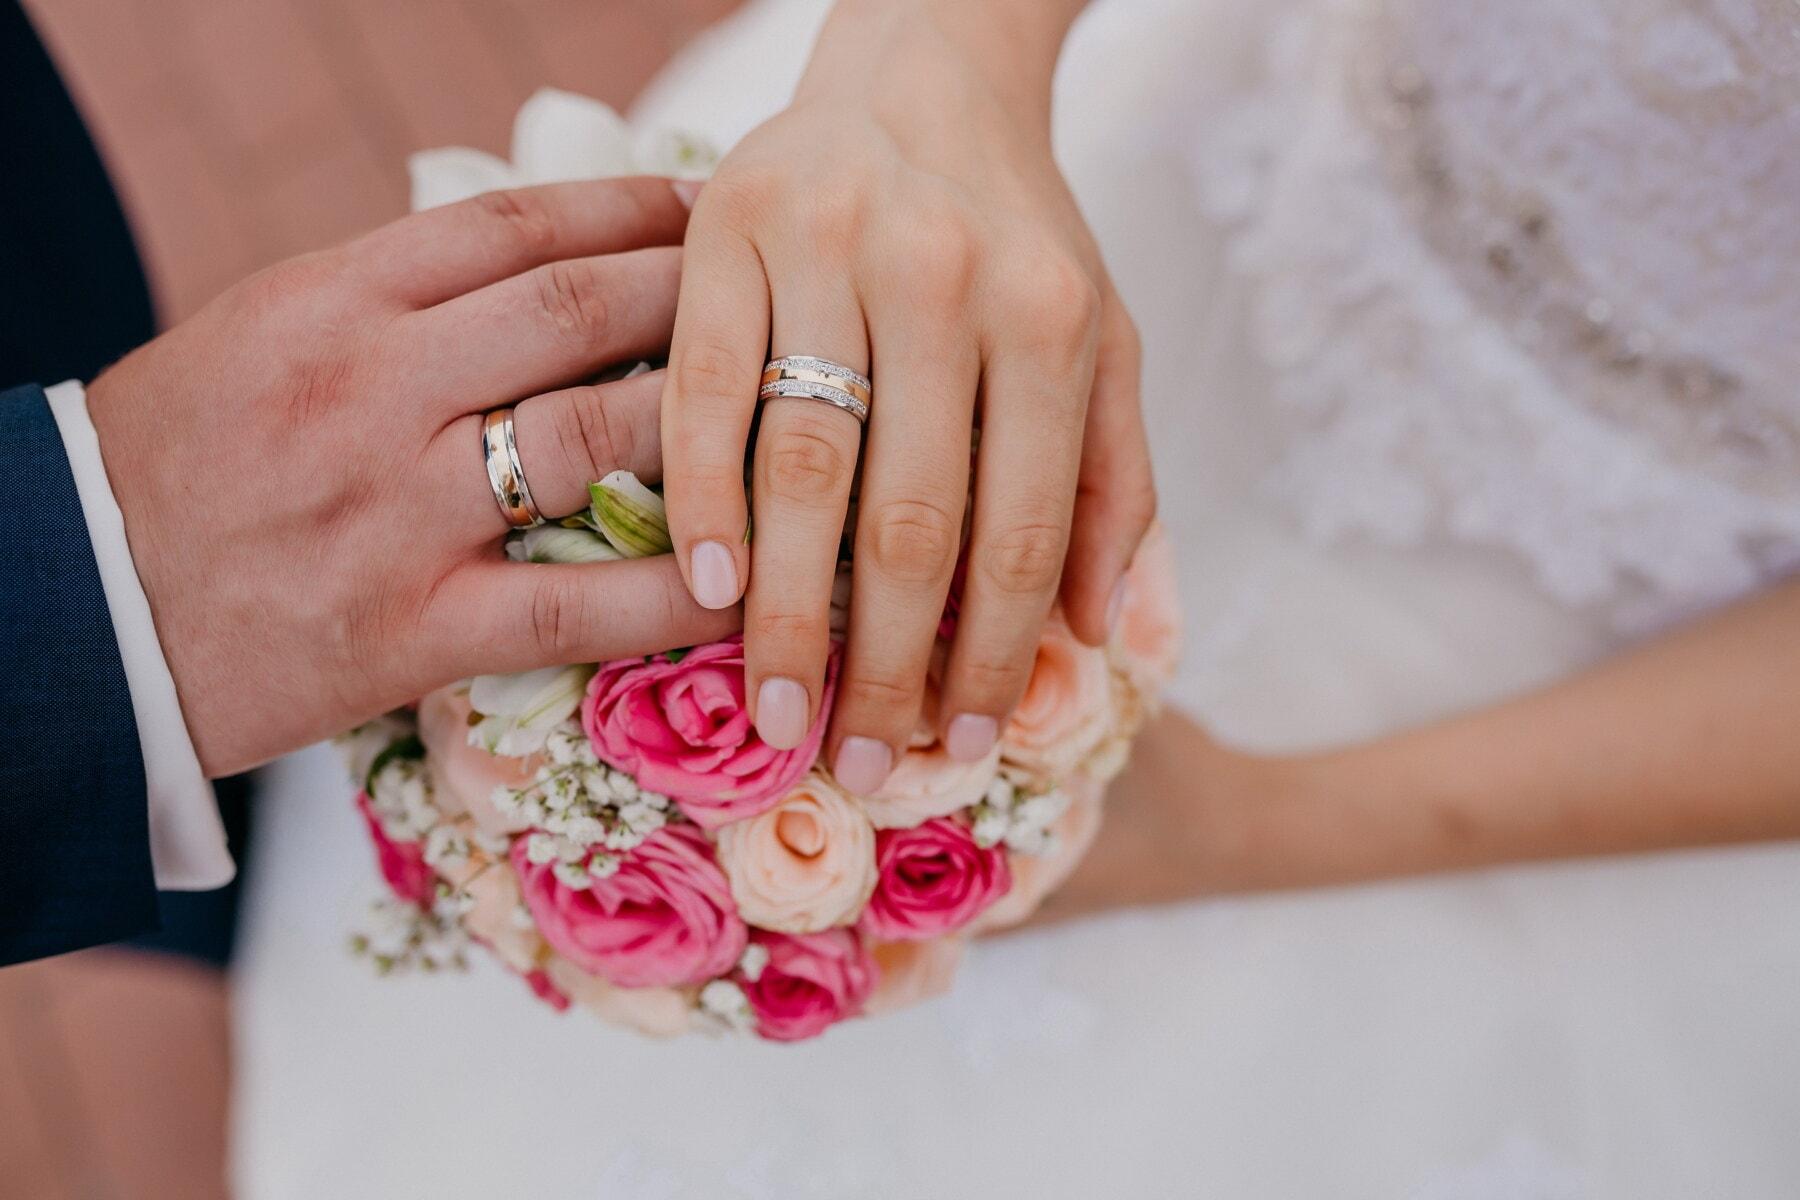 тримаючись за руки, ювелірні вироби, руки, Обручка, весілля, Кохання, весільний букет, романтичний, наречена, наречений